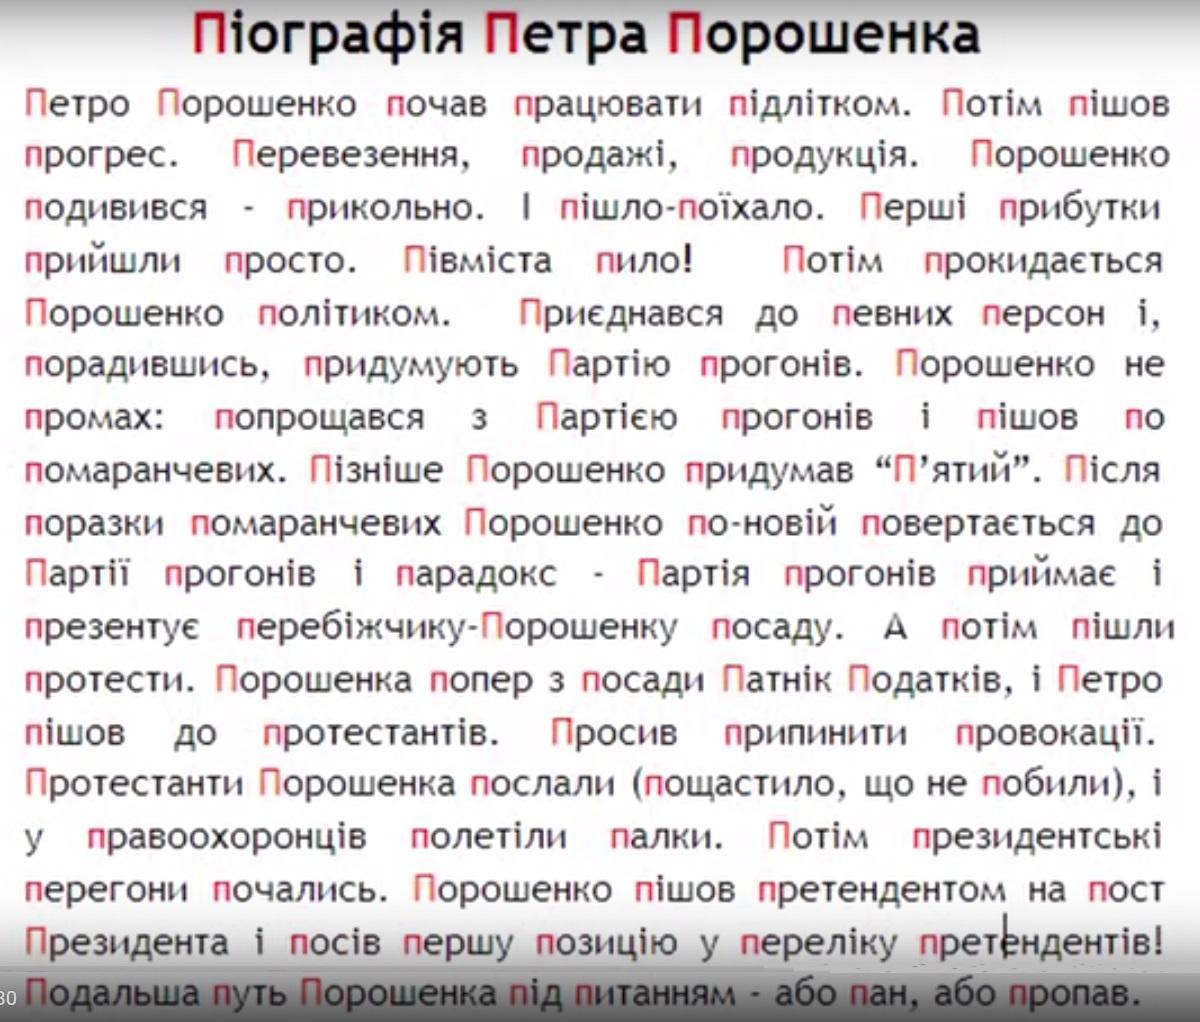 Есть вероятность, что это произойдет в конце мая - начале июня, - Новиков о передаче Савченко Украине - Цензор.НЕТ 7543